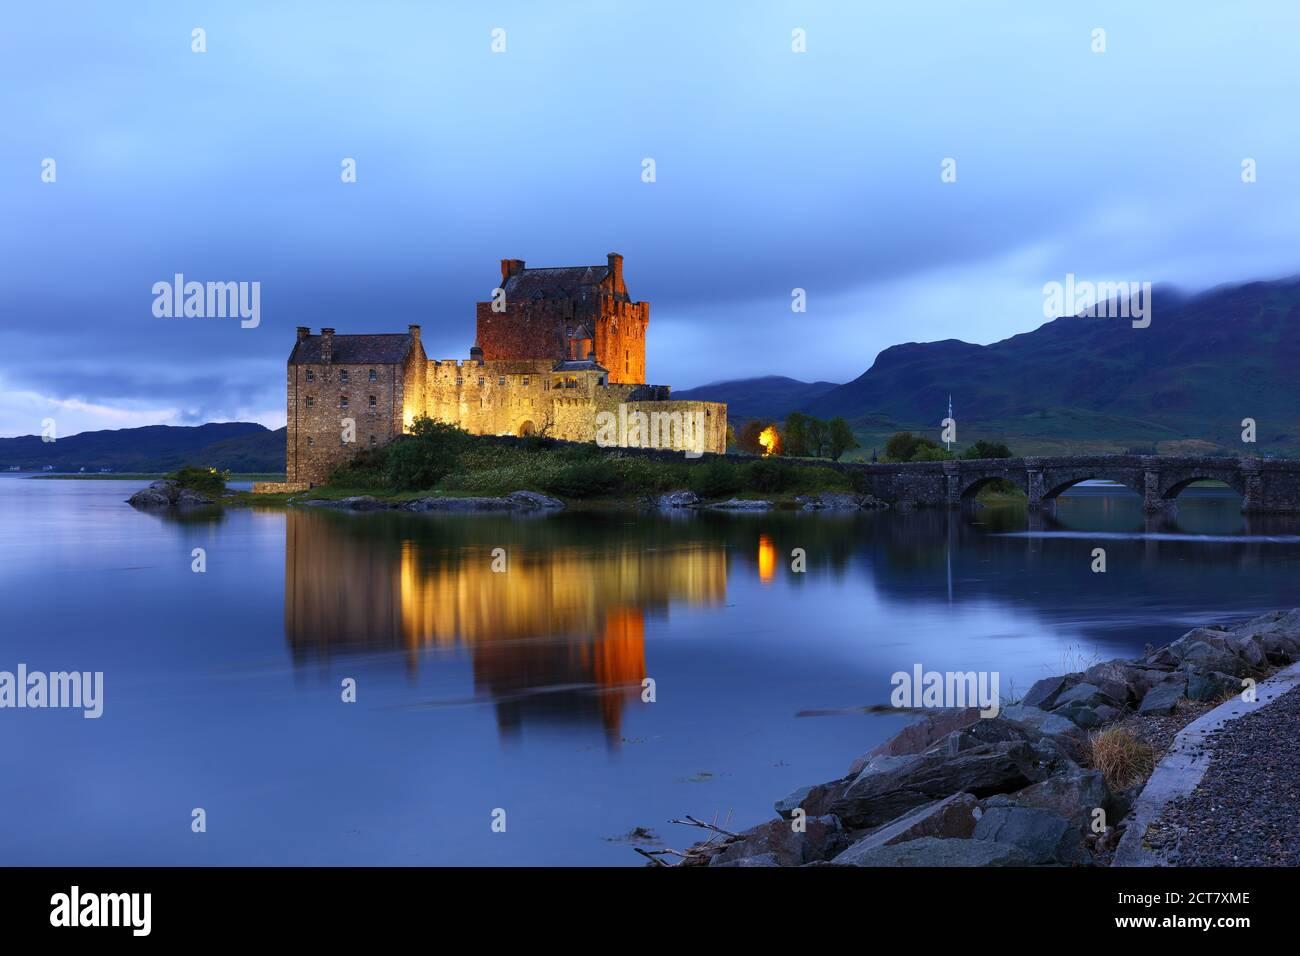 Eileen Donan Castle floodlit after sunset on a cloudy evening, West Highlands, Scotland, UK Stock Photo